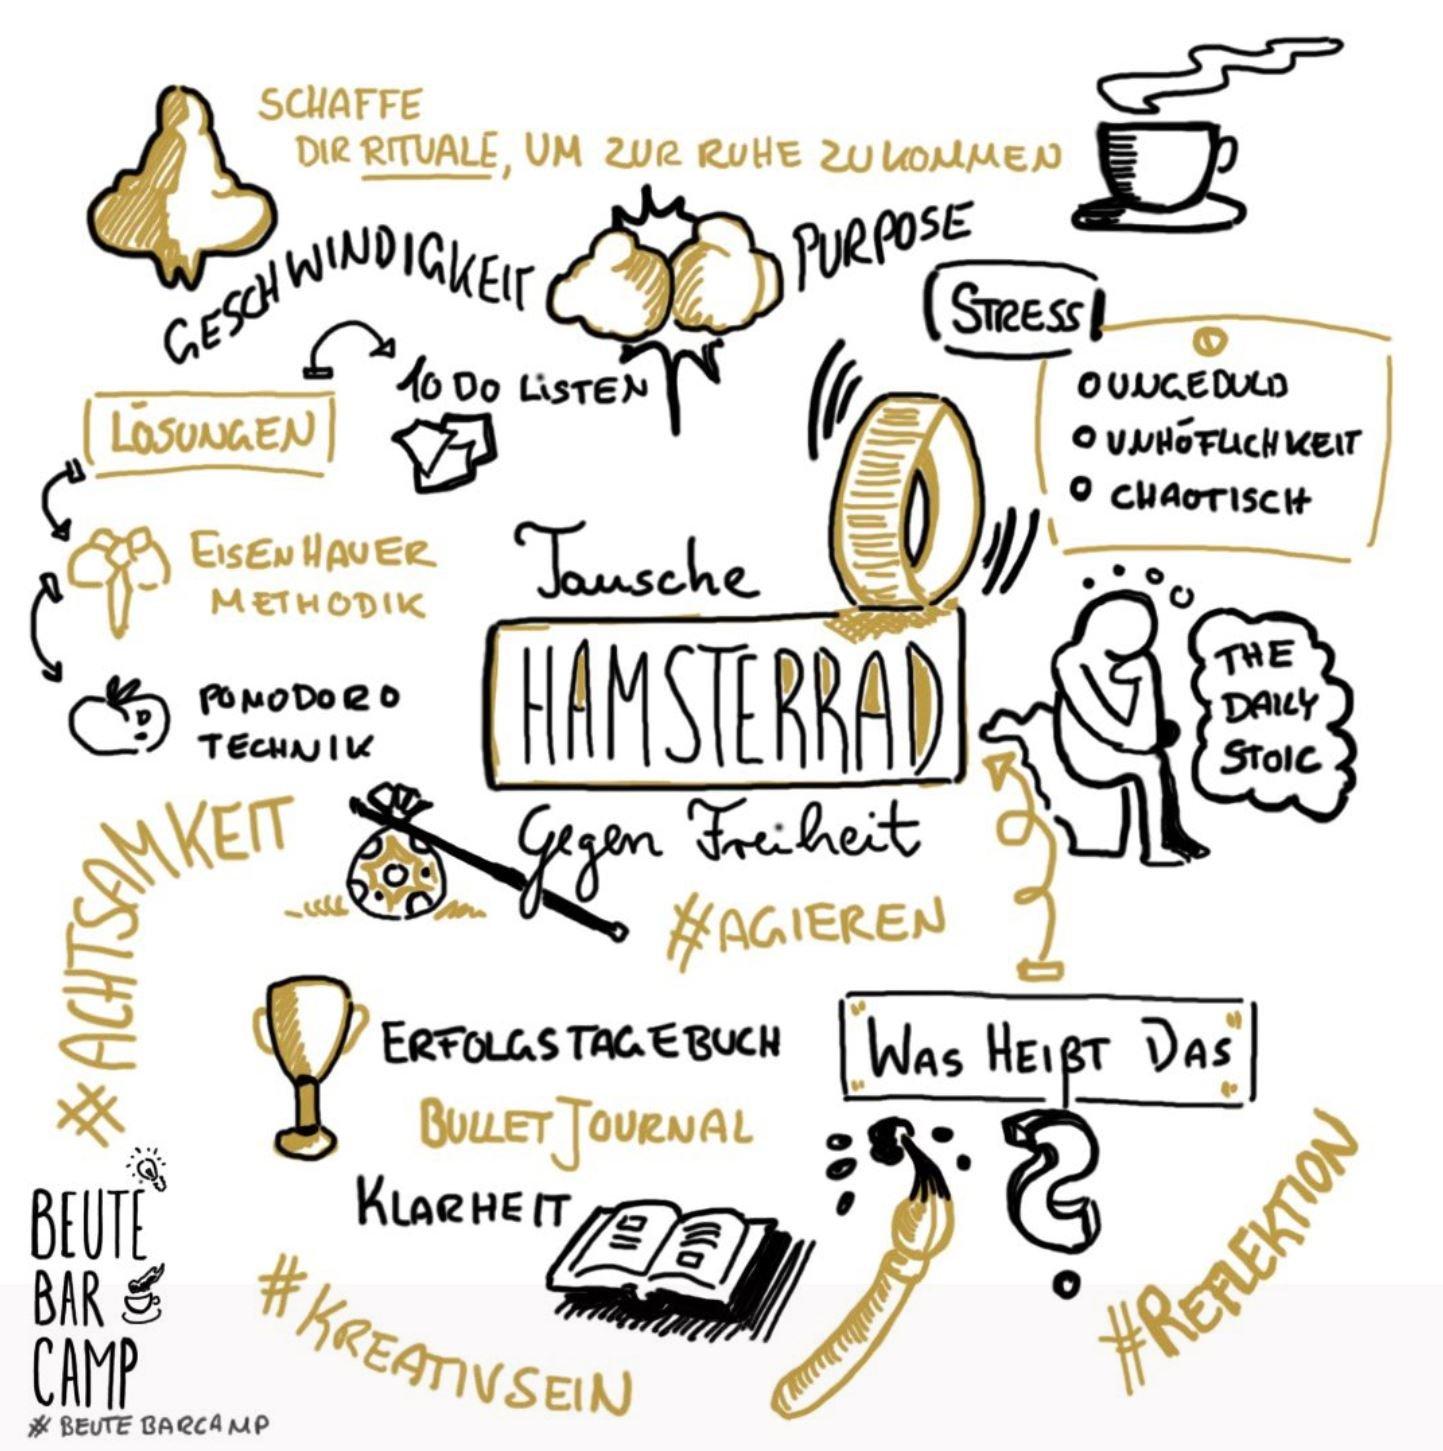 stephanie-kowalski-sketchnote-beutebarcamp-hamsterrad